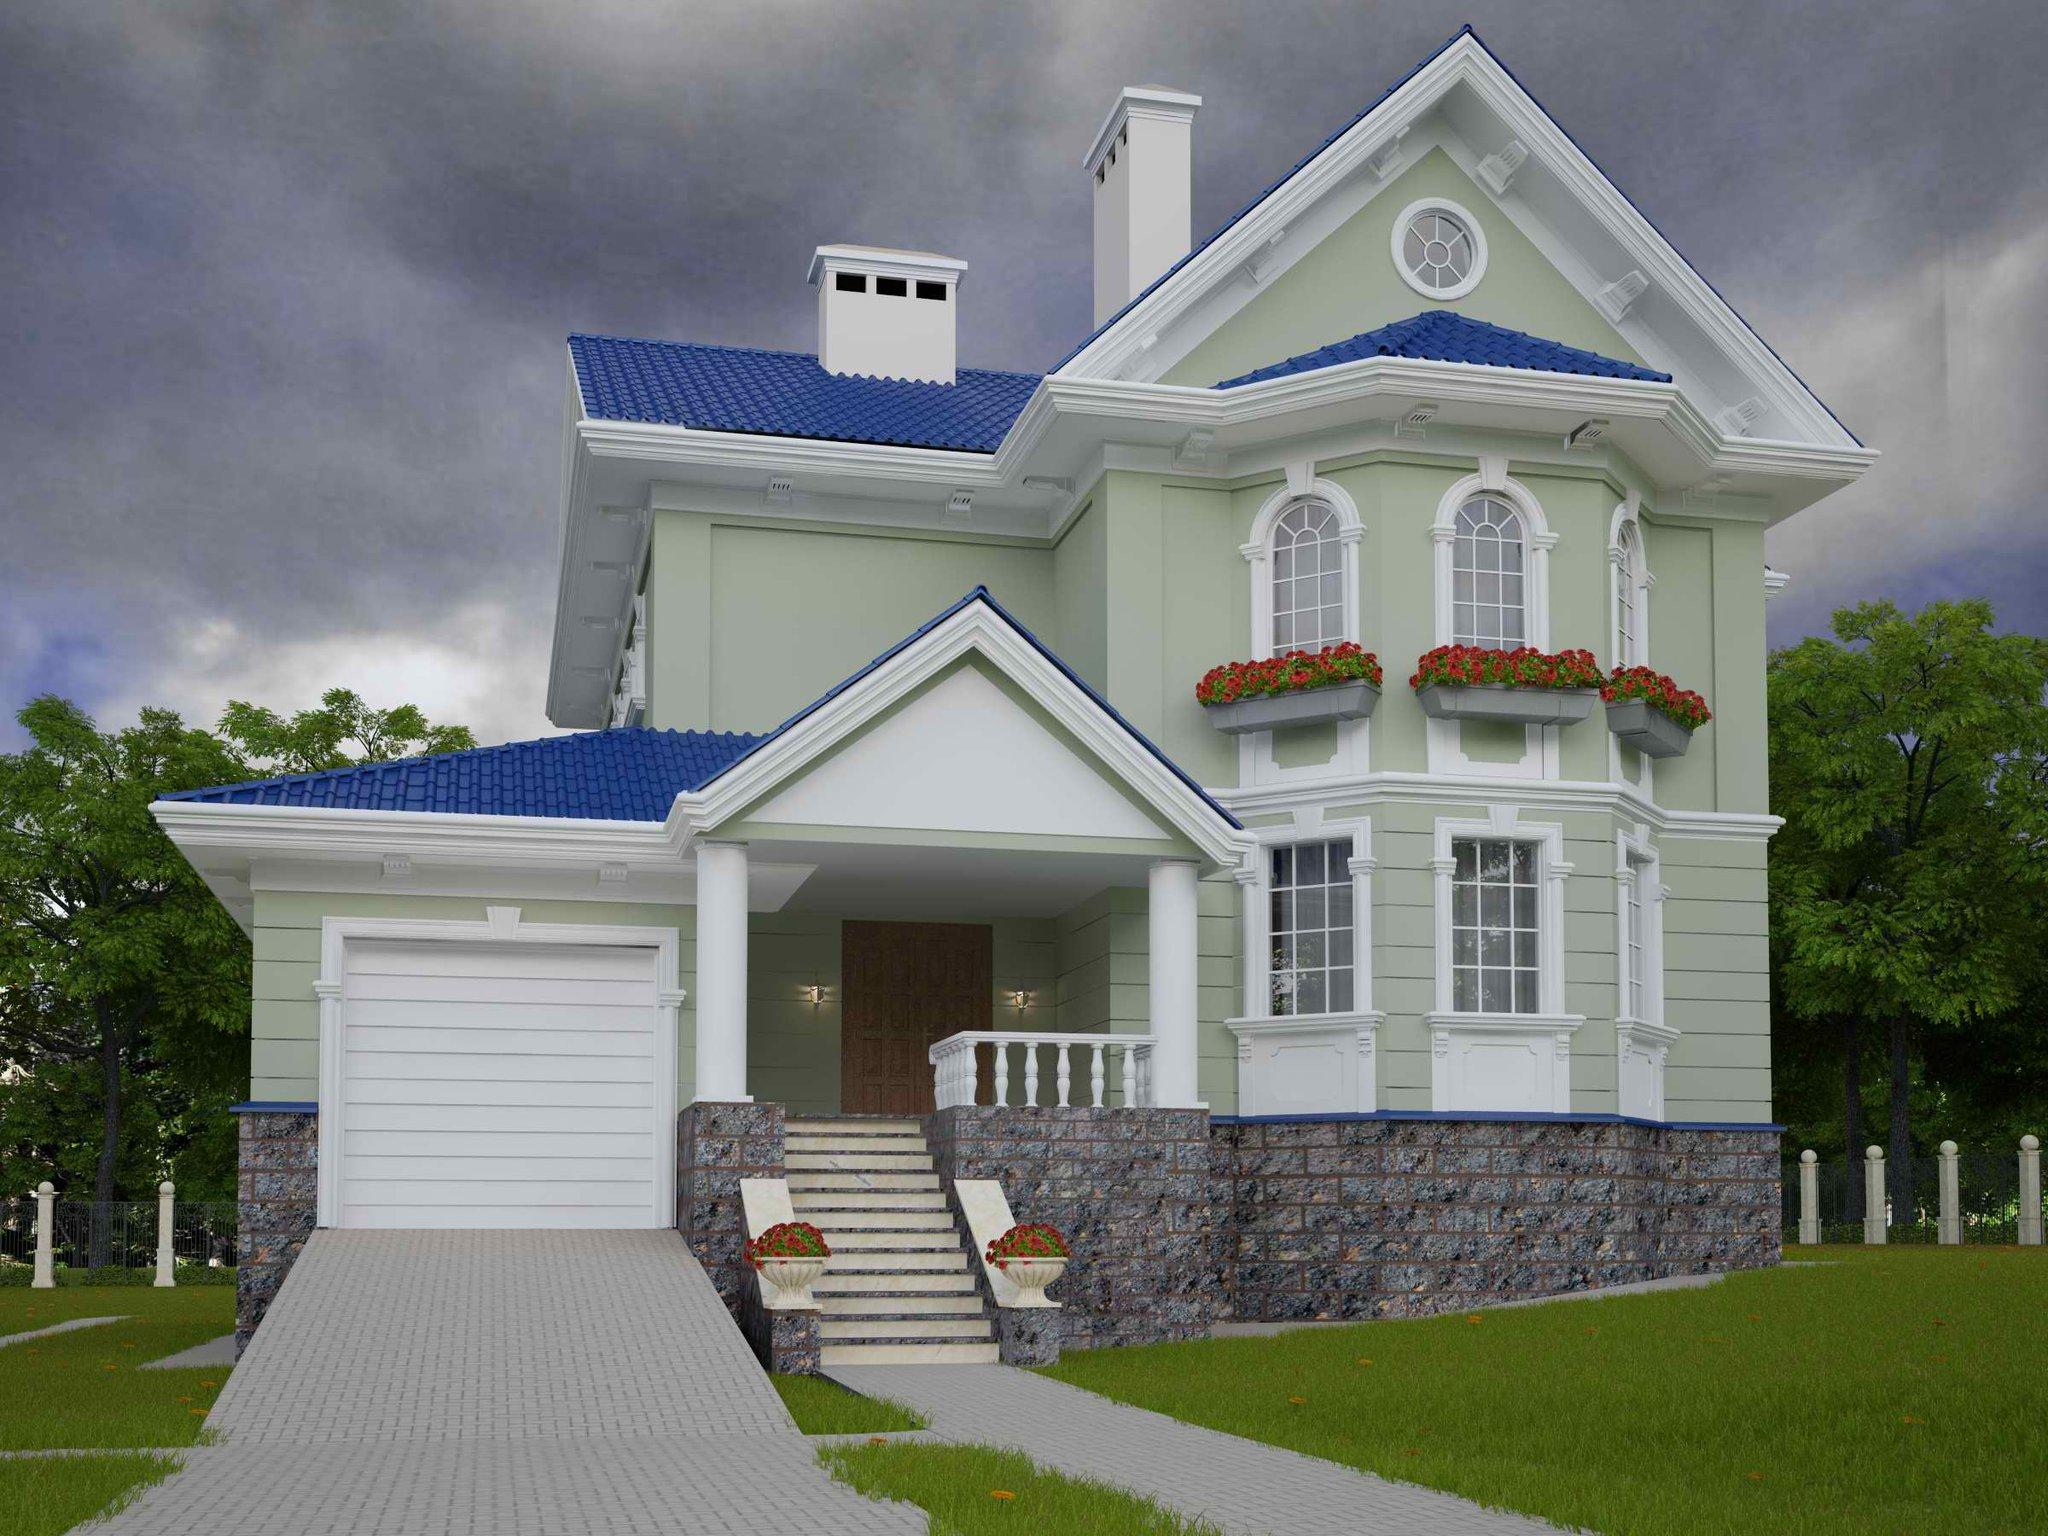 уже говорили, проекты домов коттеджей с фасадом эркер фото поможет